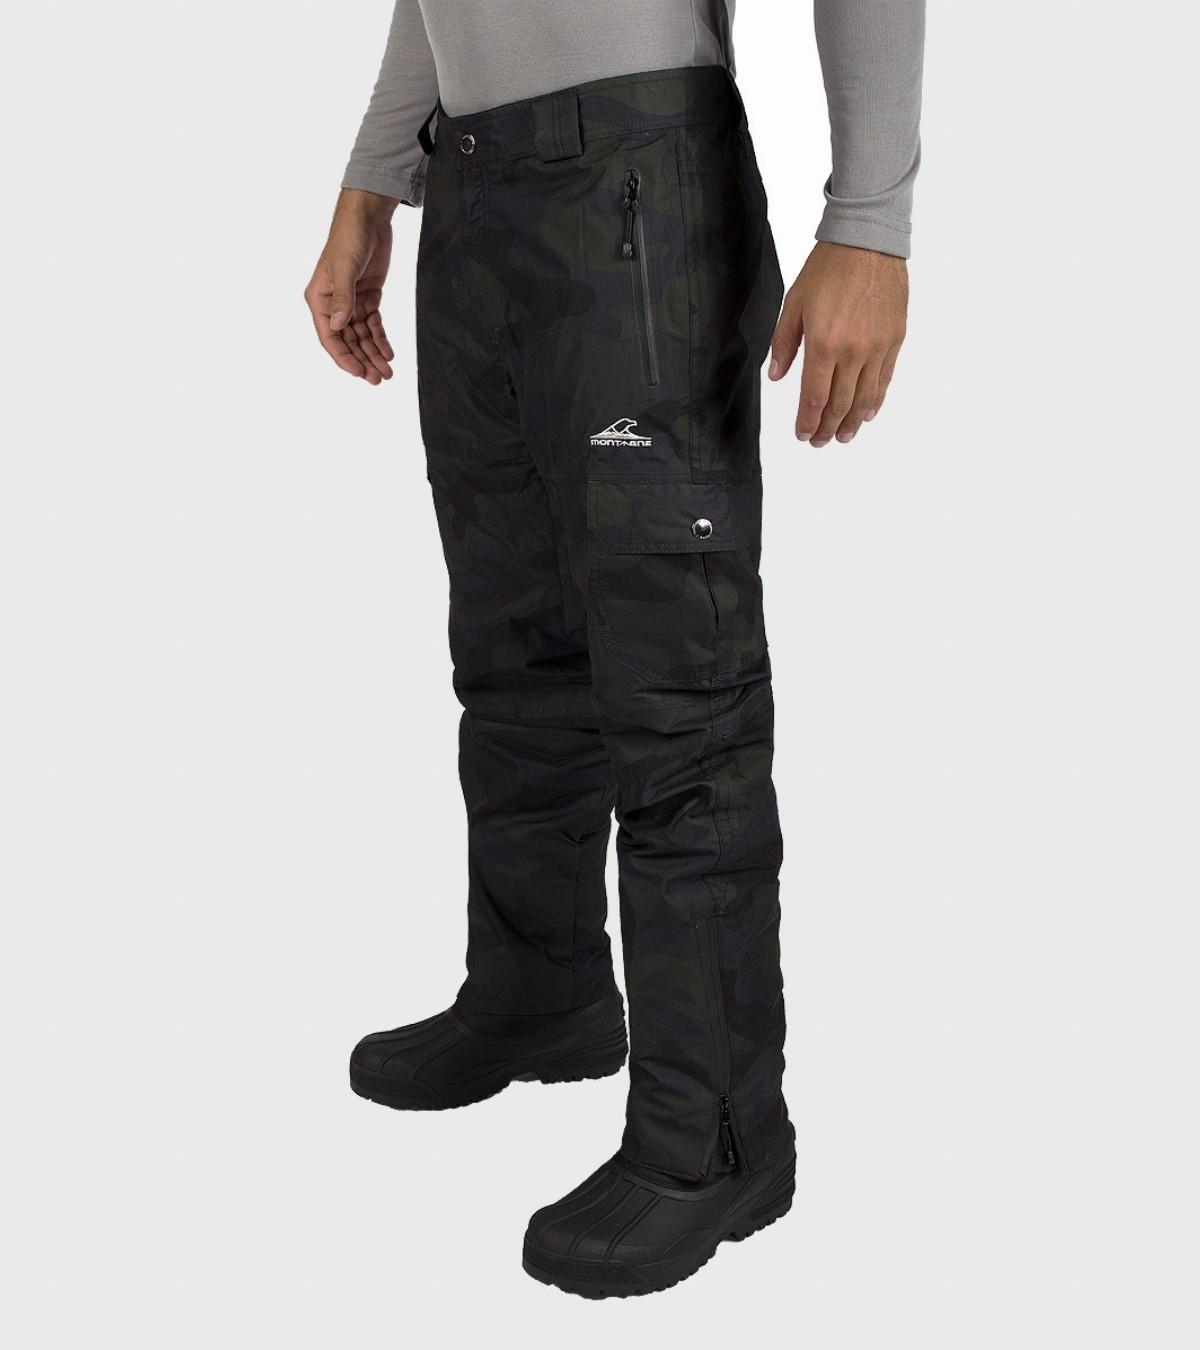 Pantalón de ski hombre Maiden